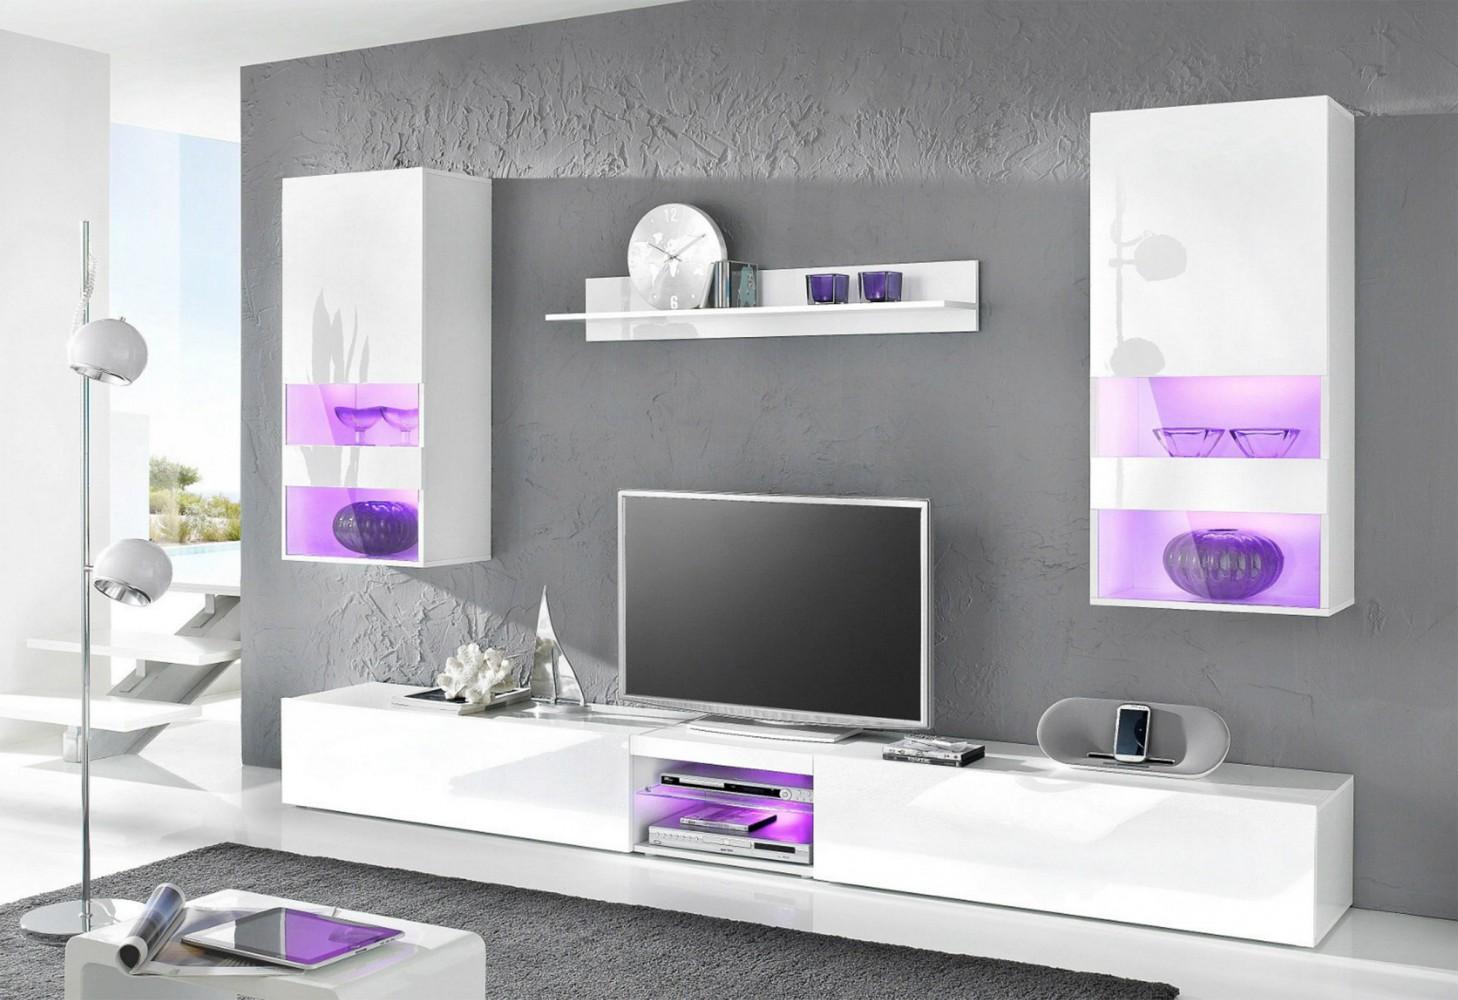 tecnos wohnwand neverland wei hochglanz wei matt. Black Bedroom Furniture Sets. Home Design Ideas